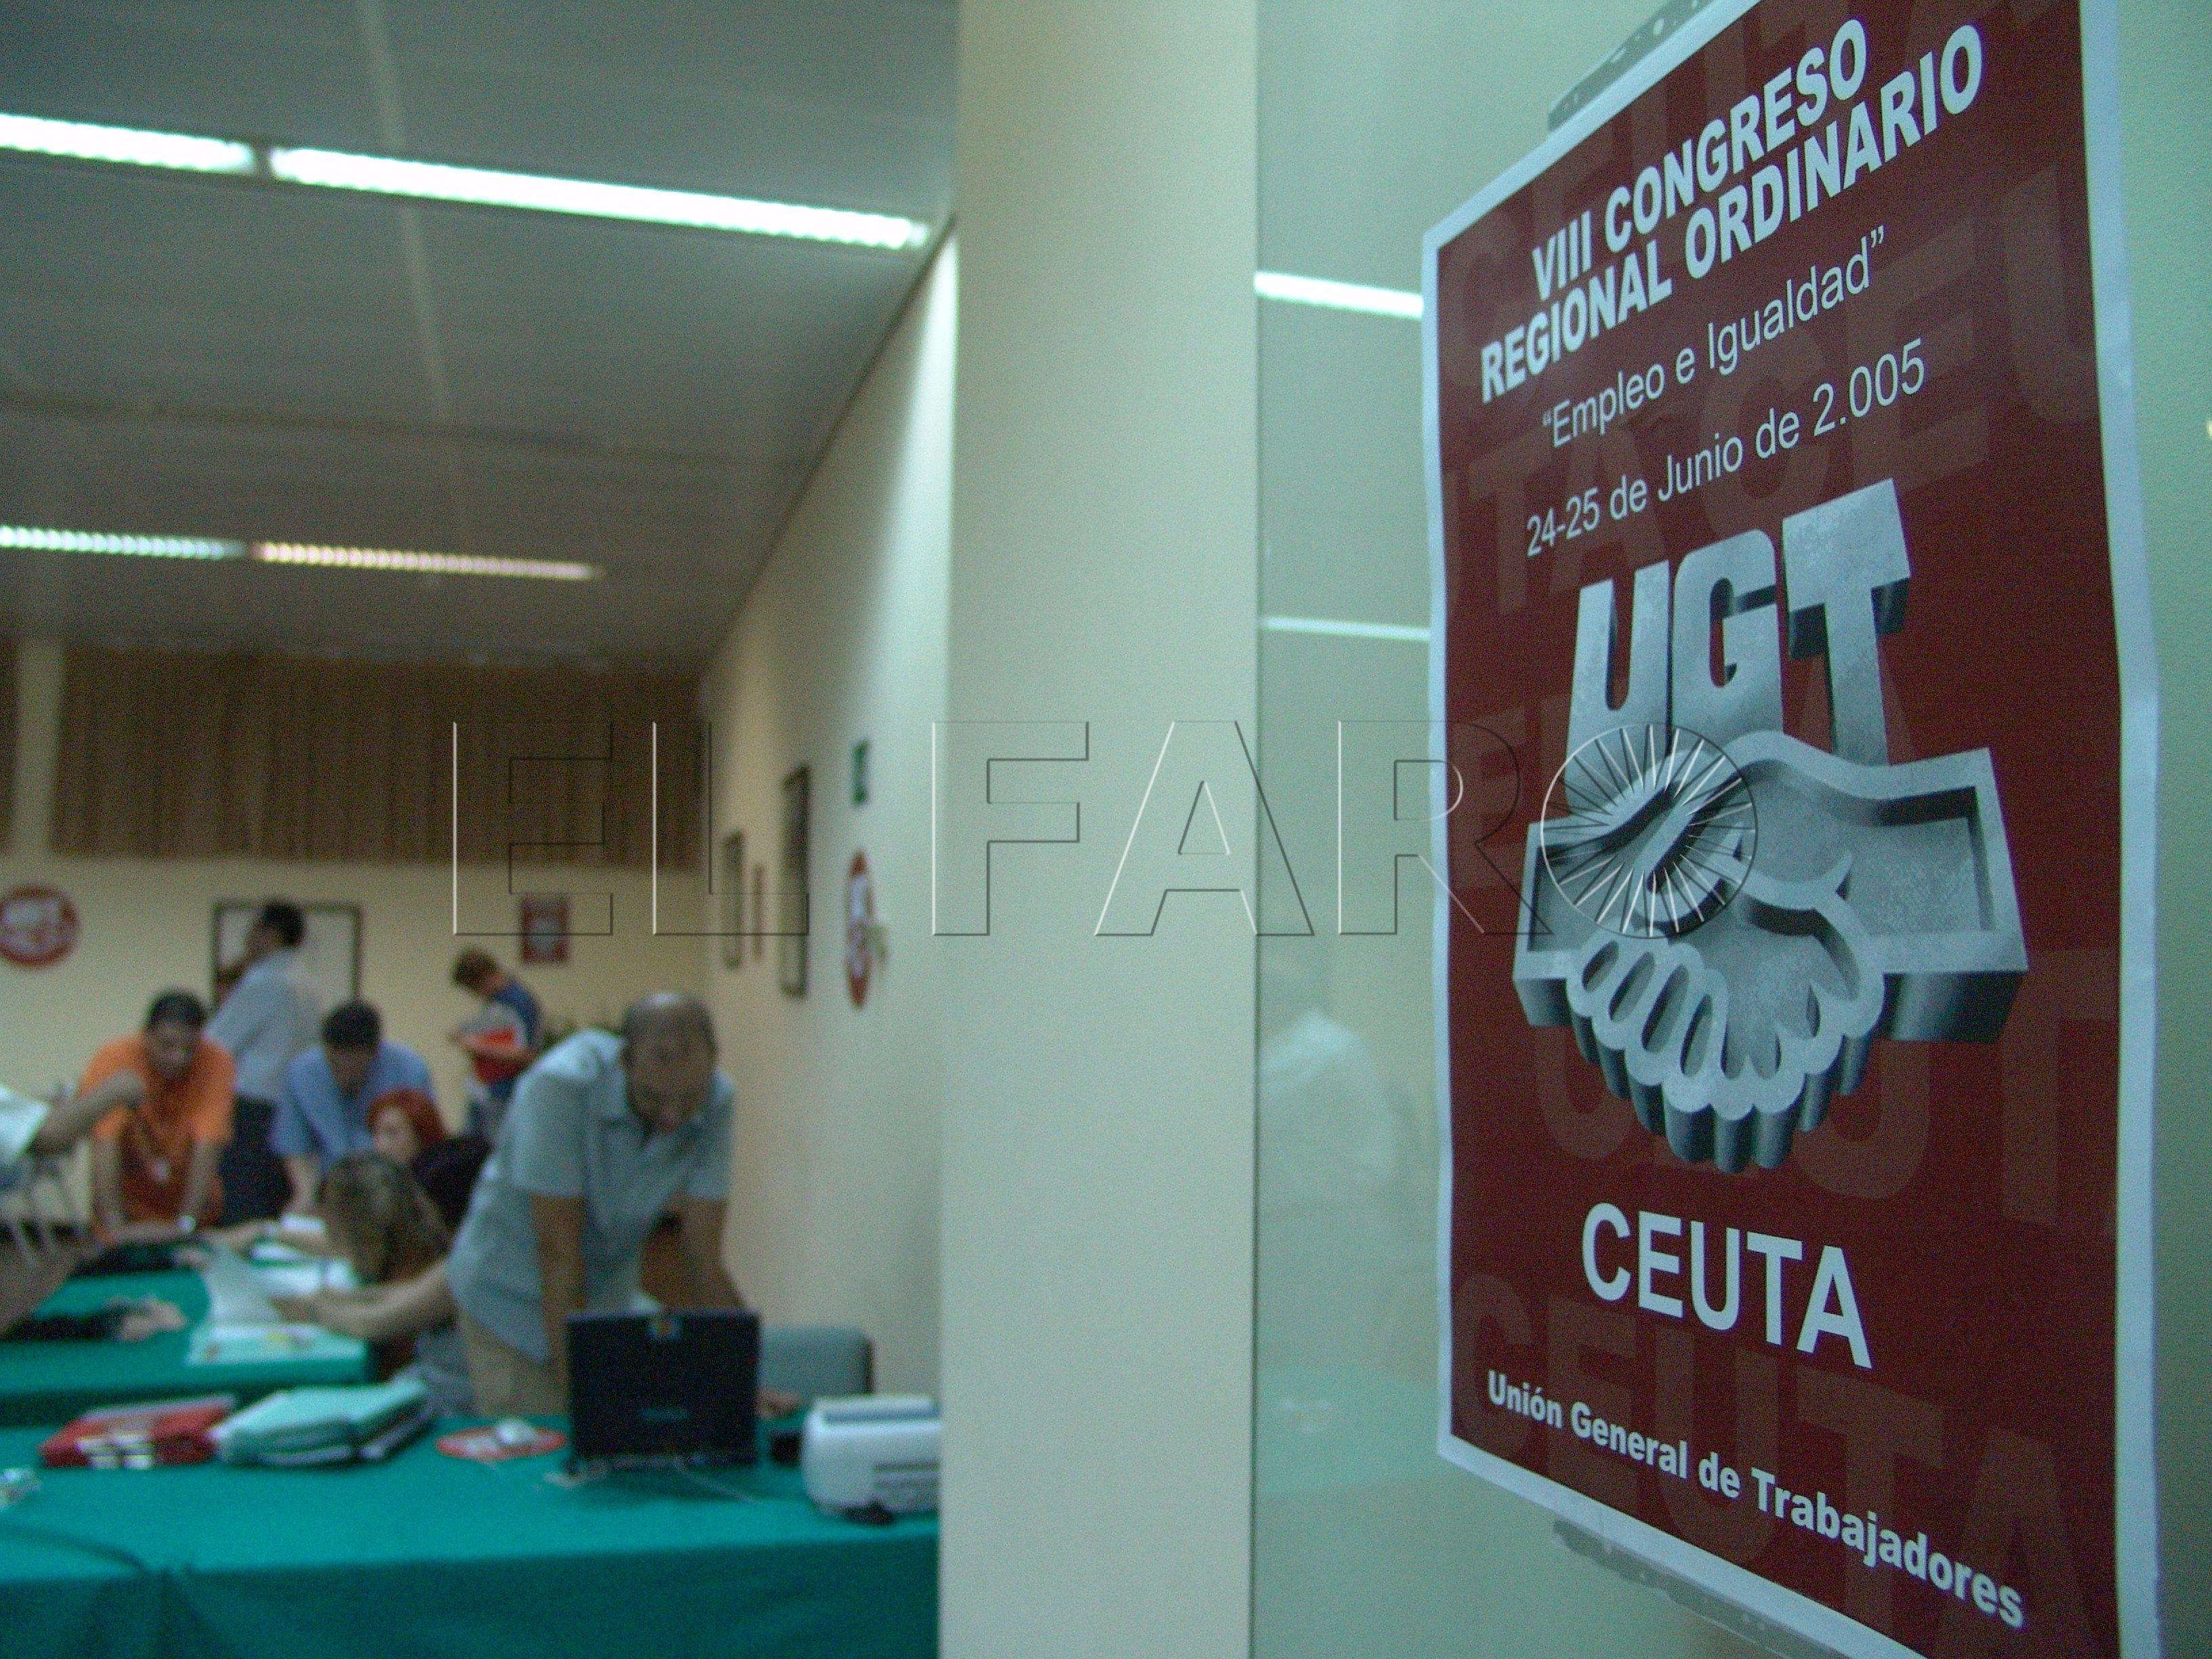 """UGT acudirá a la vía penal si se resuelve el """"fraudulento"""" concurso de oficial mayor por estar """"hecho a medida"""""""